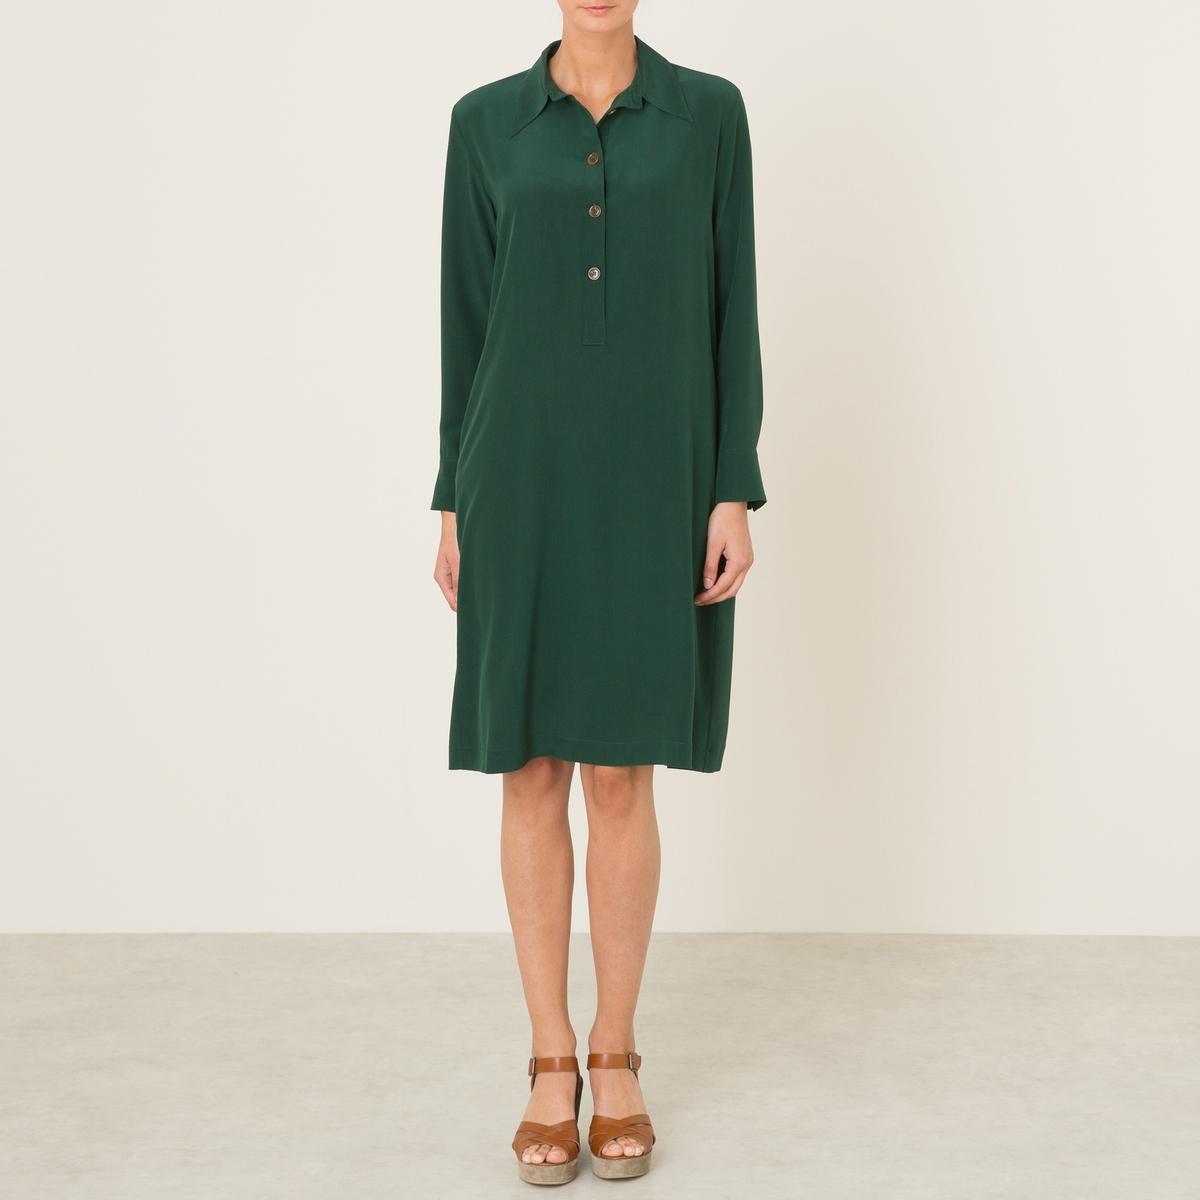 Платье DEMETRAПлатье MOMONI - модель DEMETRA из струящегося 100% шелка. Рубашечный воротник со свободными кончиками. Длинные рукава с пуговицами внизу. Застежка на пуговицы спереди. 2 прорезных кармана. Состав и описание :Материал : 100% шелкМарка : MOMONI<br><br>Цвет: зеленый<br>Размер: XL